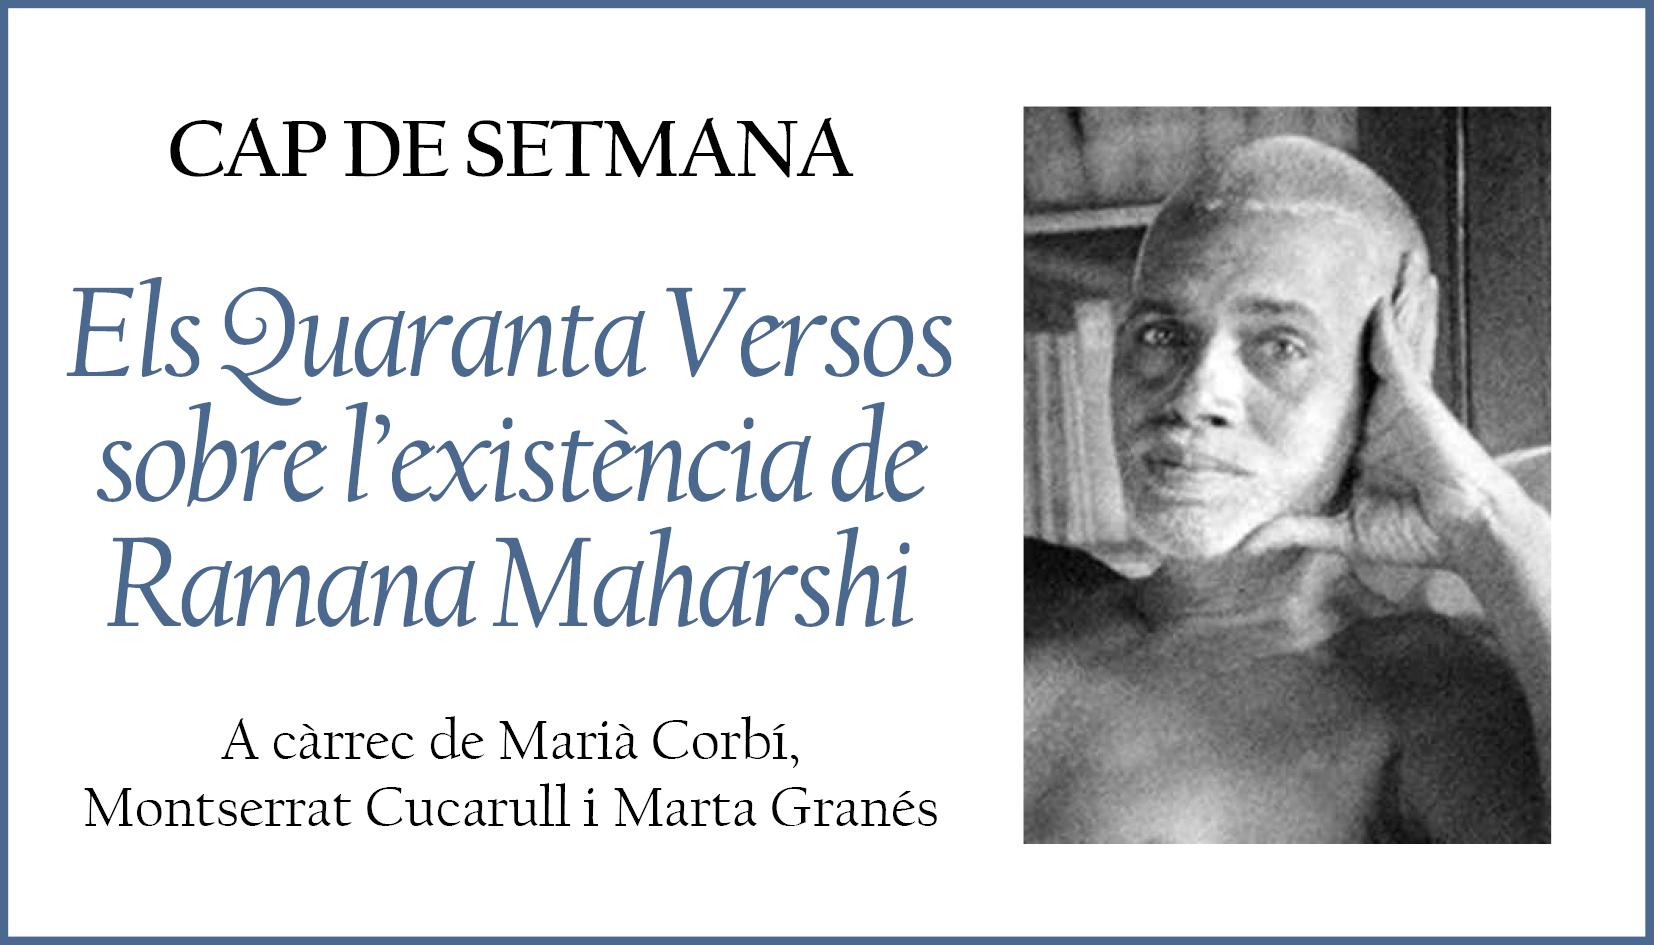 21. CAP DE SETMANA SOBRE ELS QUARANTA VERSOS SOBRE L'EXISTÈNCIA De Ramana Maharshi